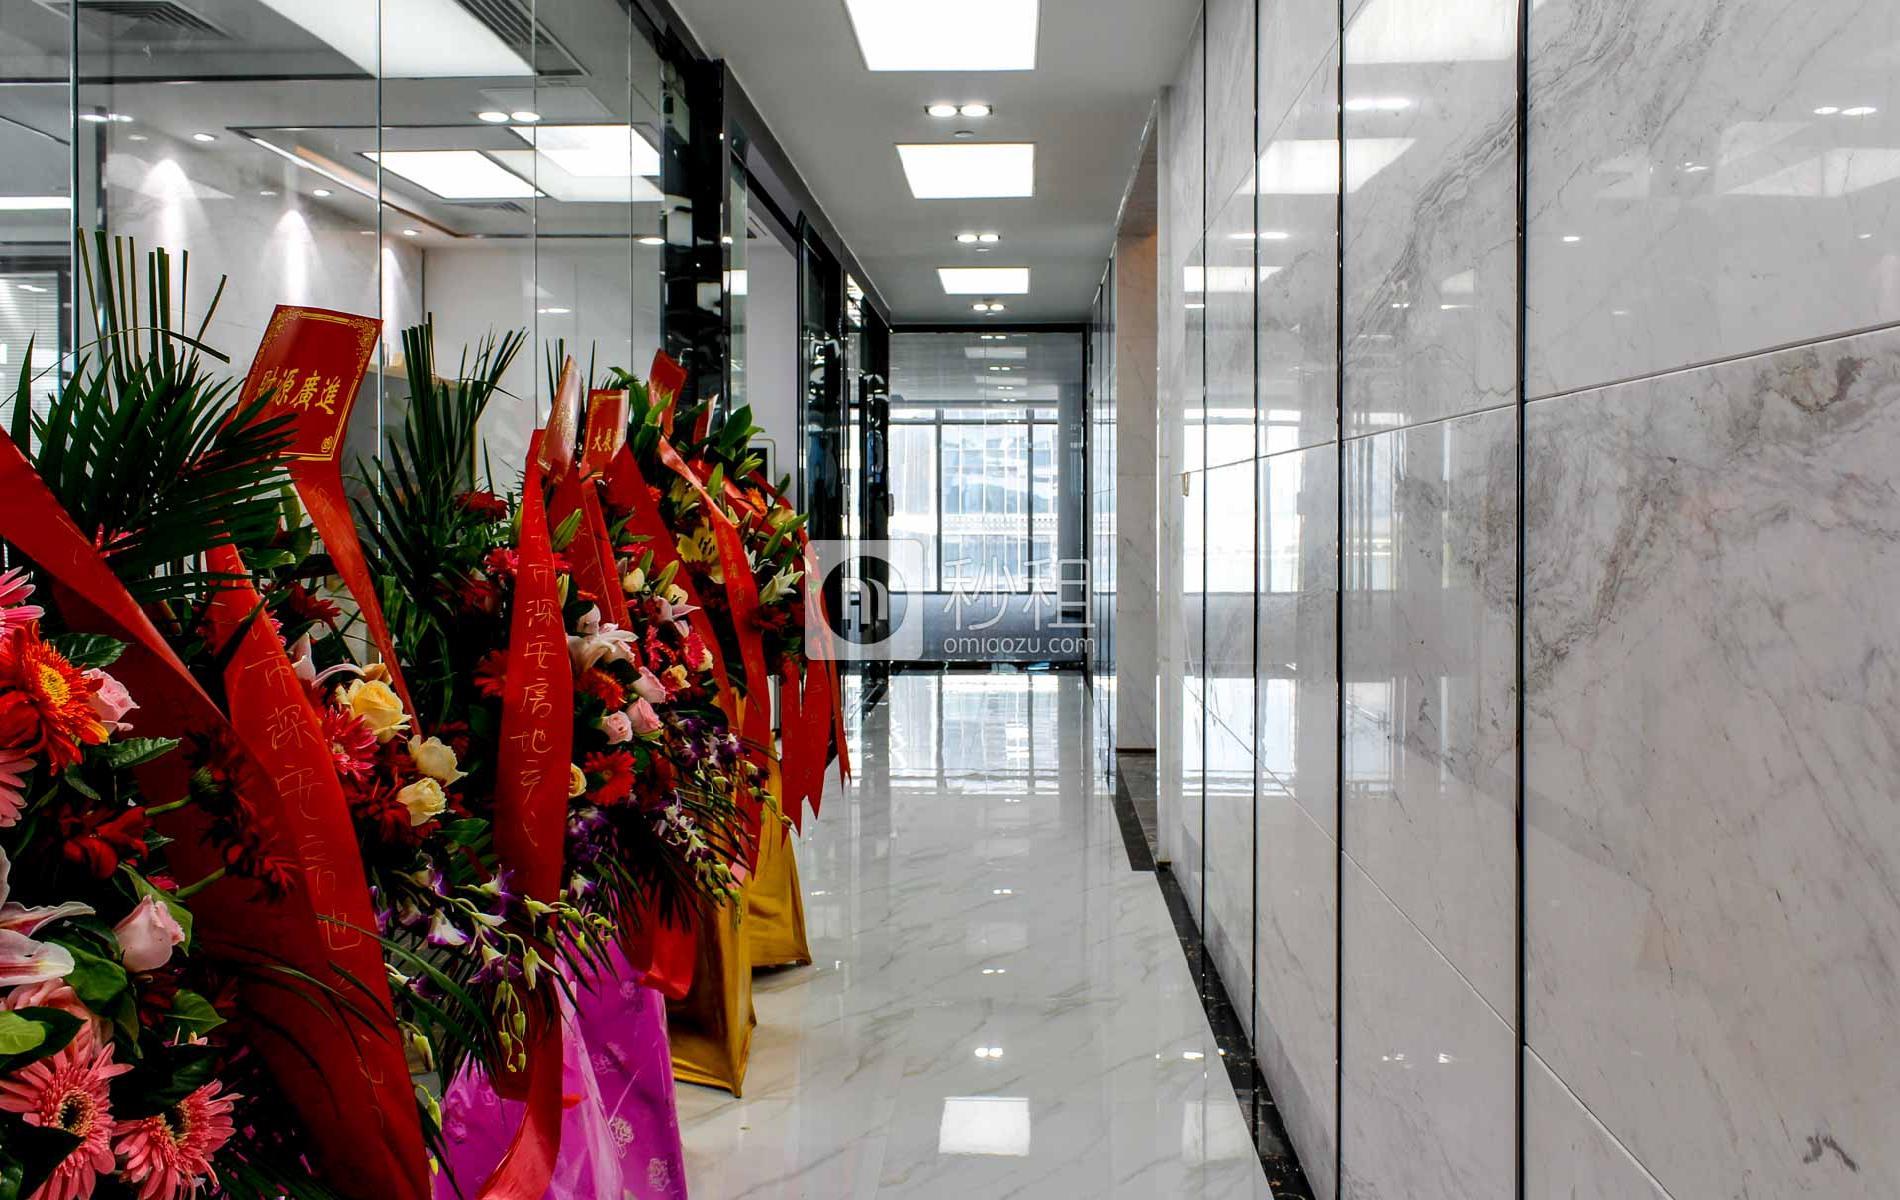 深圳湾一号写字楼出租/招租/租赁,深圳湾一号办公室出租/招租/租赁